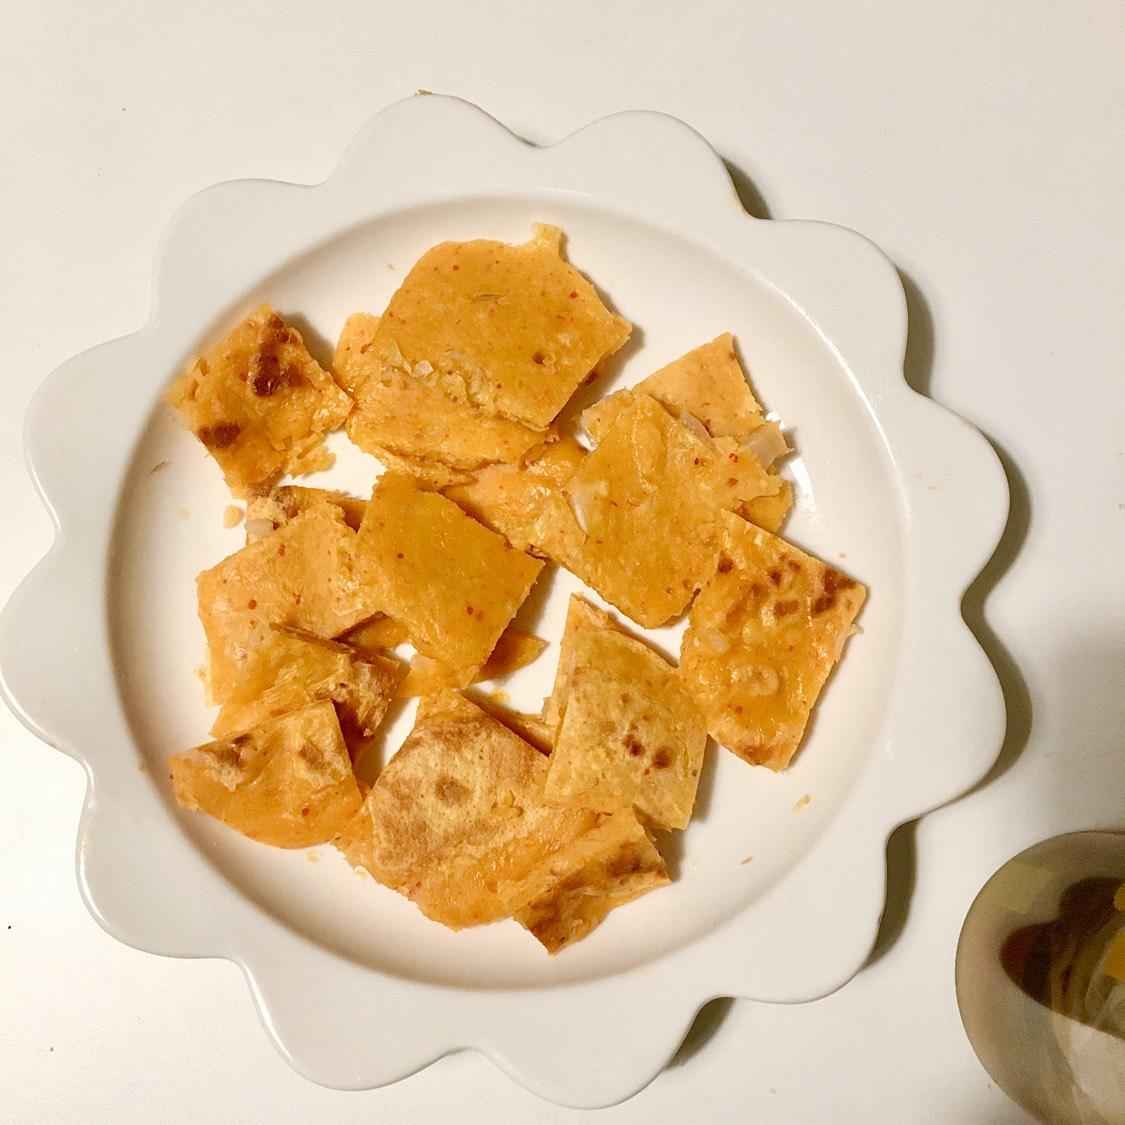 懒人泡菜饼  食材: ☀️泡菜120g